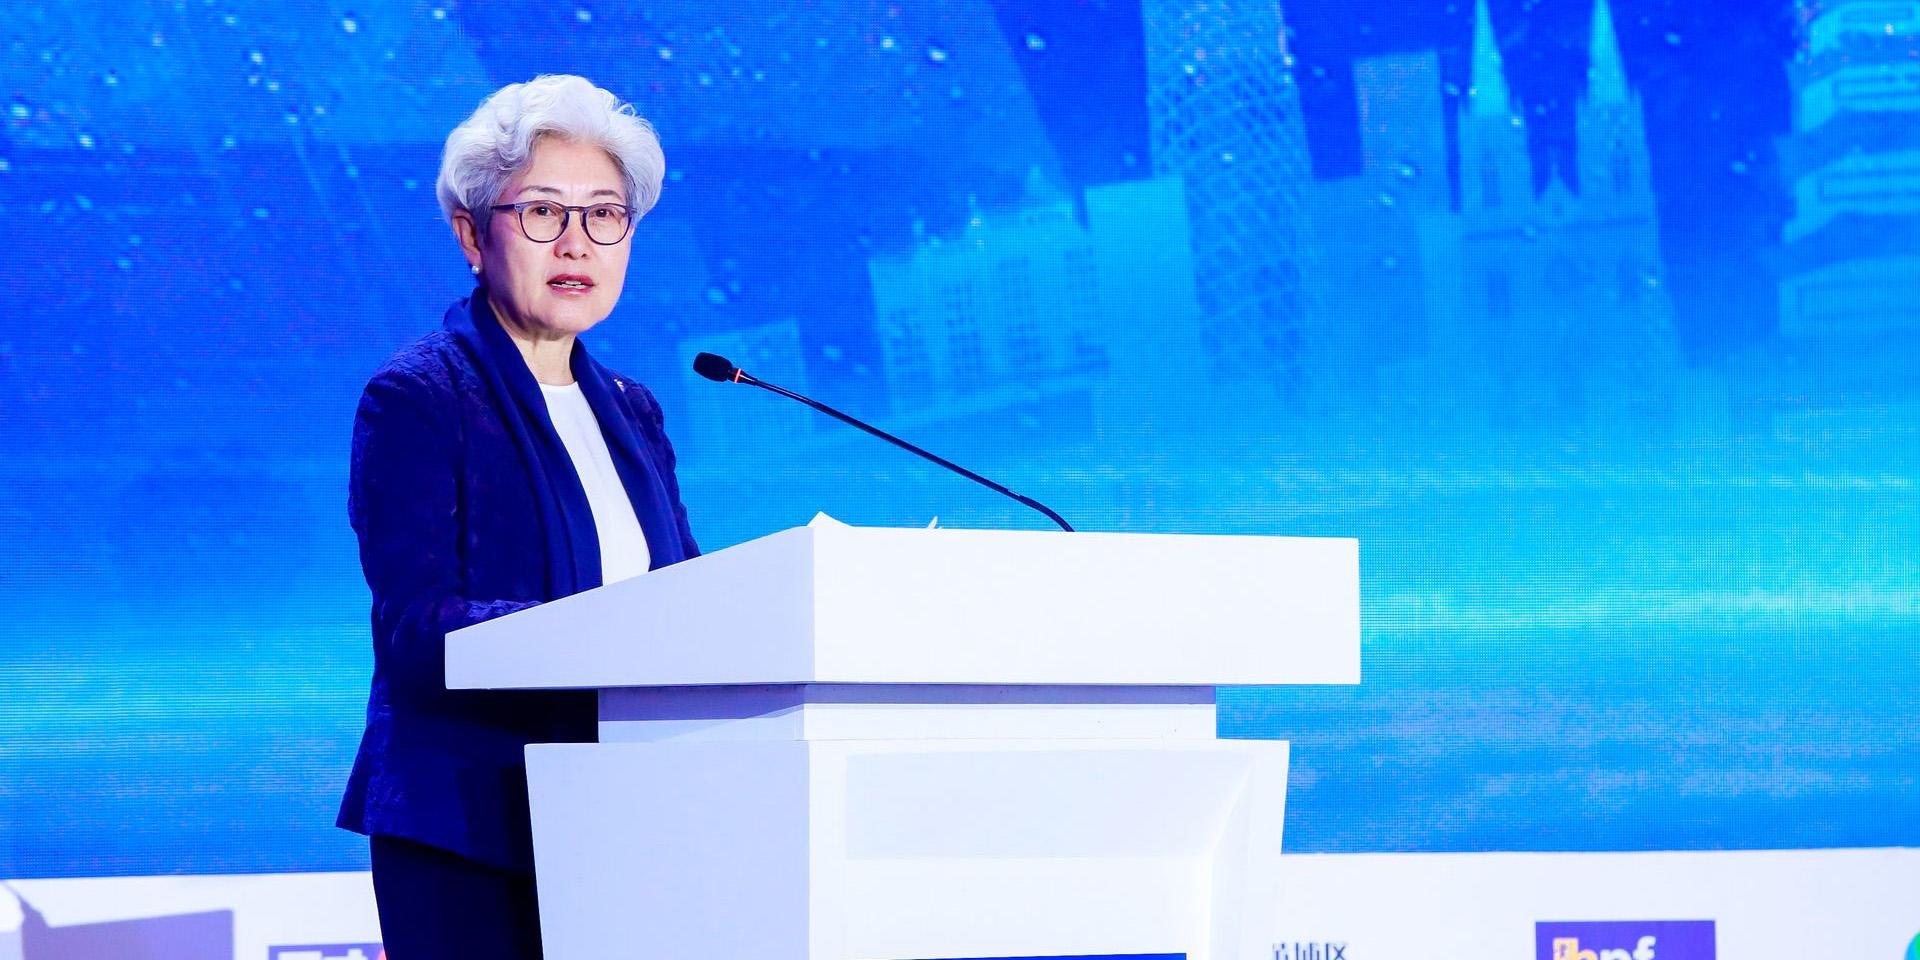 傅莹:改进国际传播,更充分地表达和传播中国故事